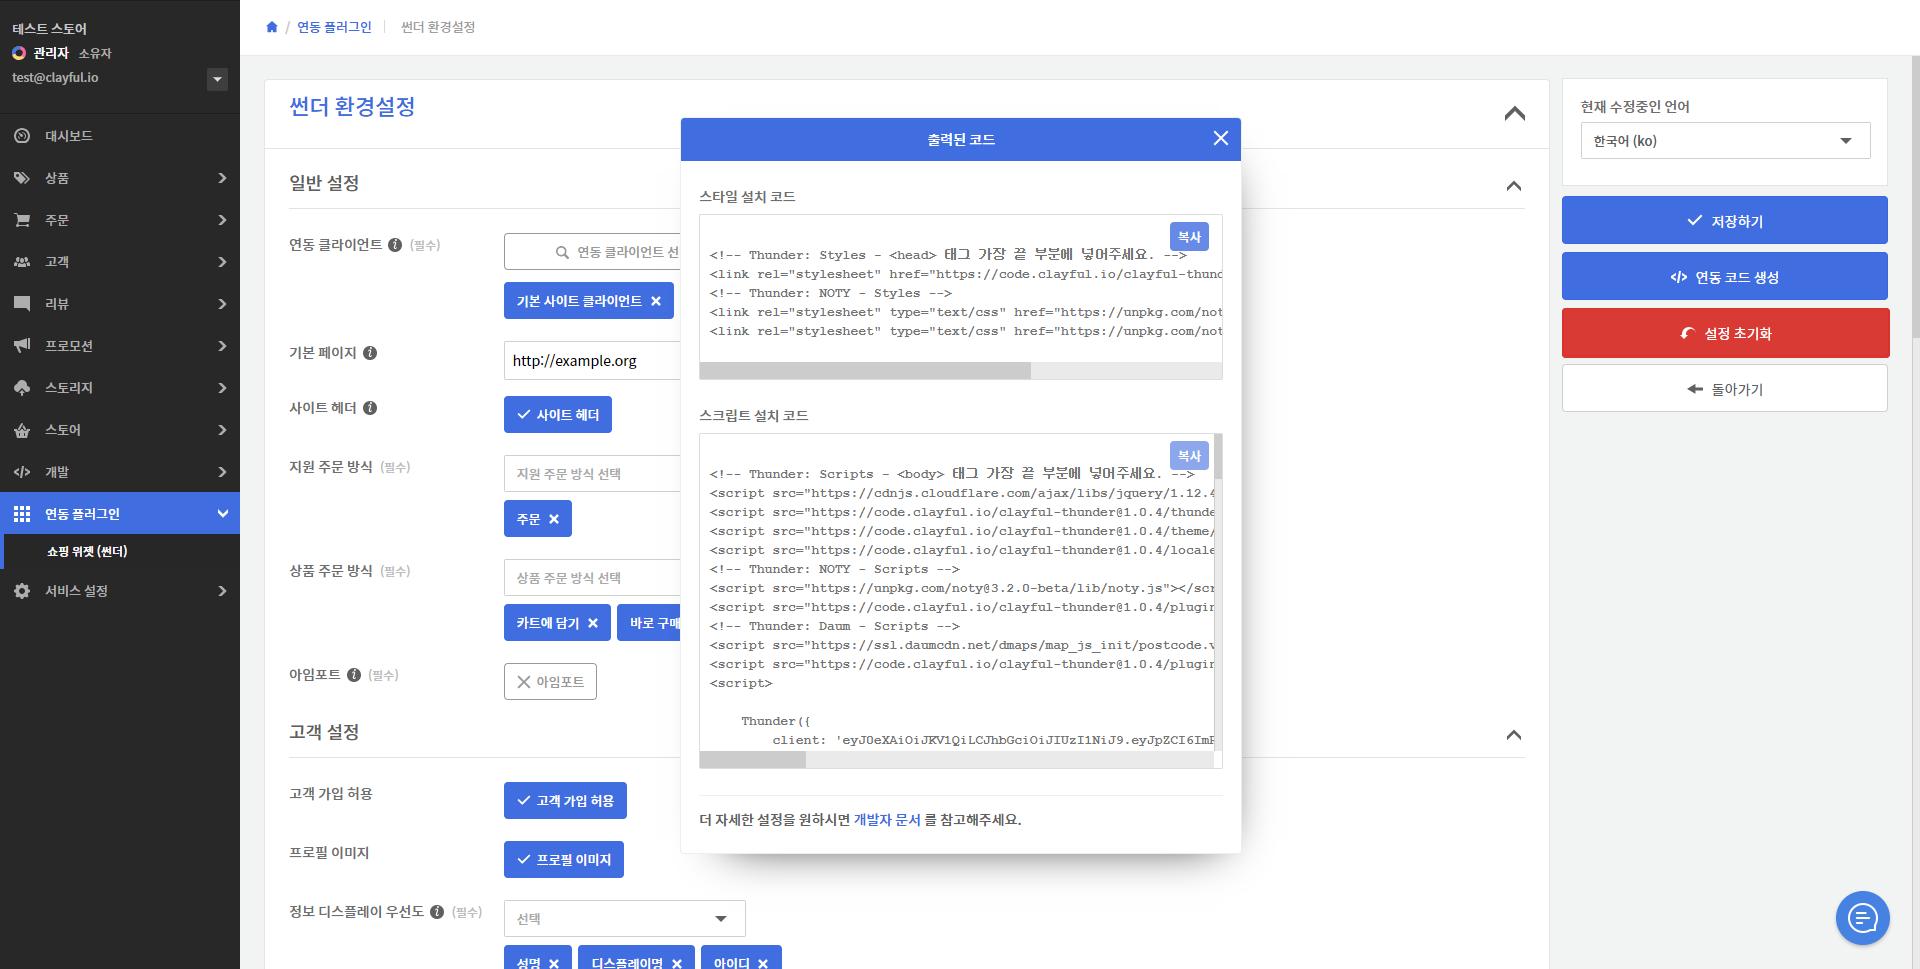 클레이풀의 스토어 관리자 페이지에서 설치용 코드를 설정하고 생성할 수 있습니다.